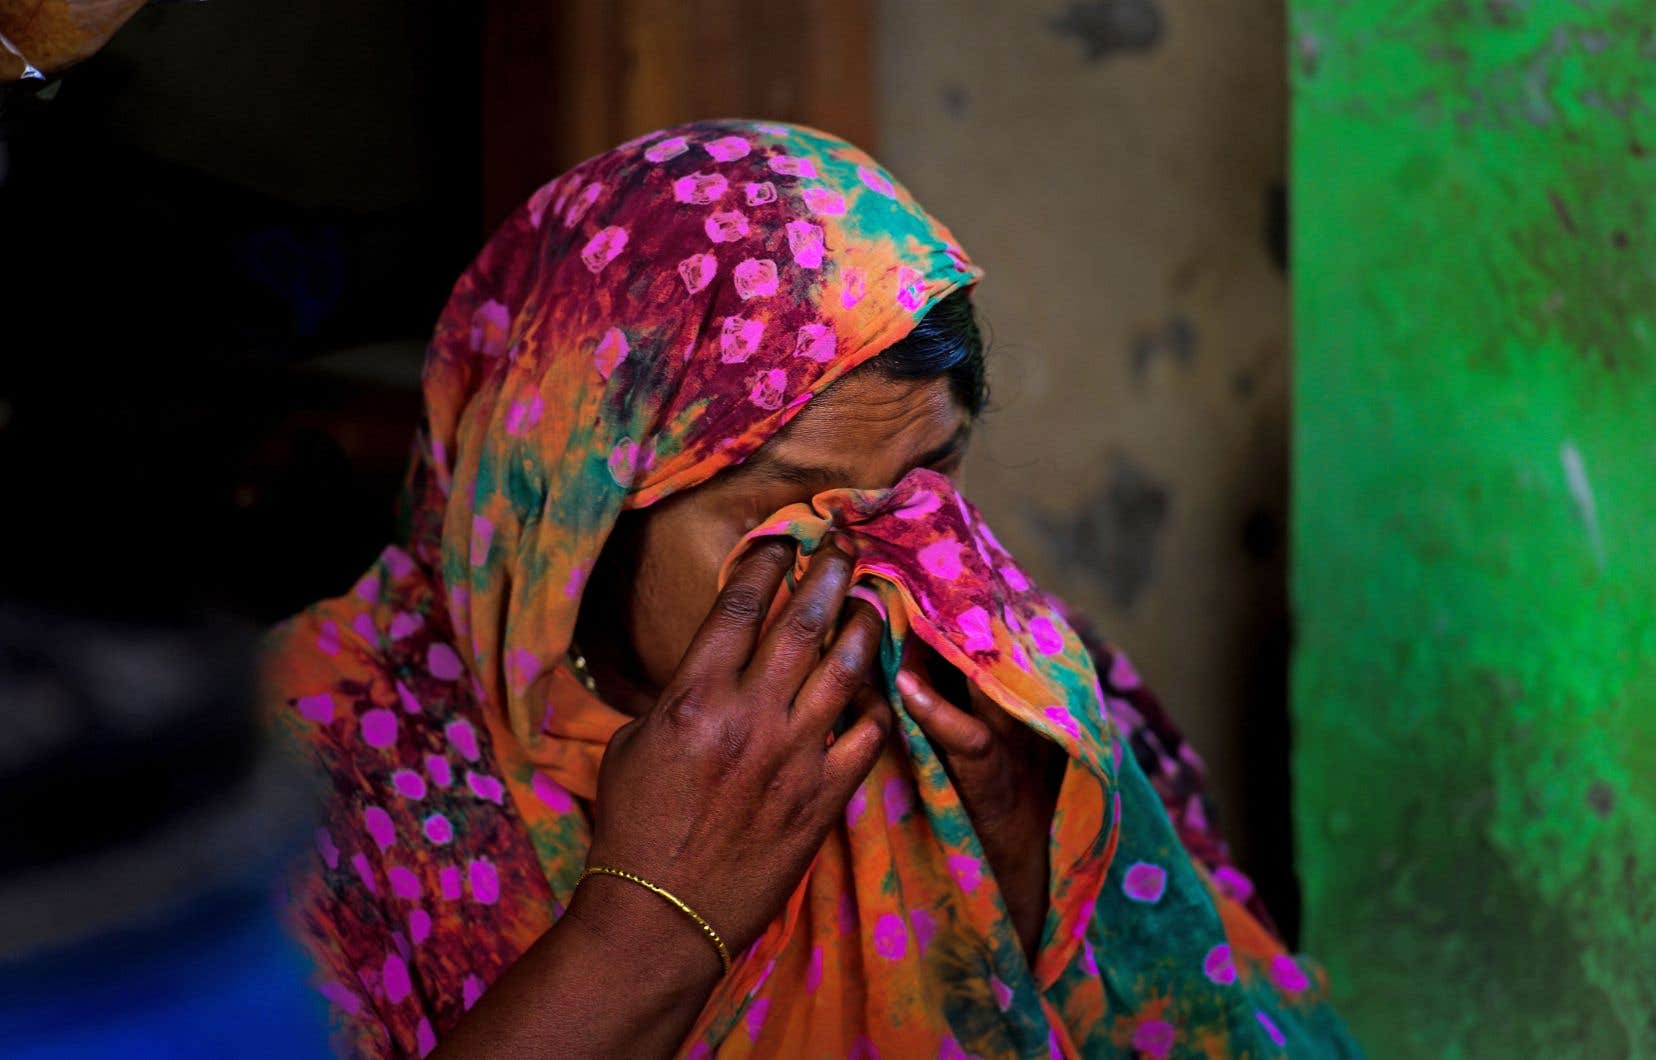 Lorsque le bâtiment de huit étages s'est affaissé comme un château de cartes, Nilufer Begum, une ouvrière de 38 ans, a passé une demi-journée écrasée sous trois corps et une montagne de débris.